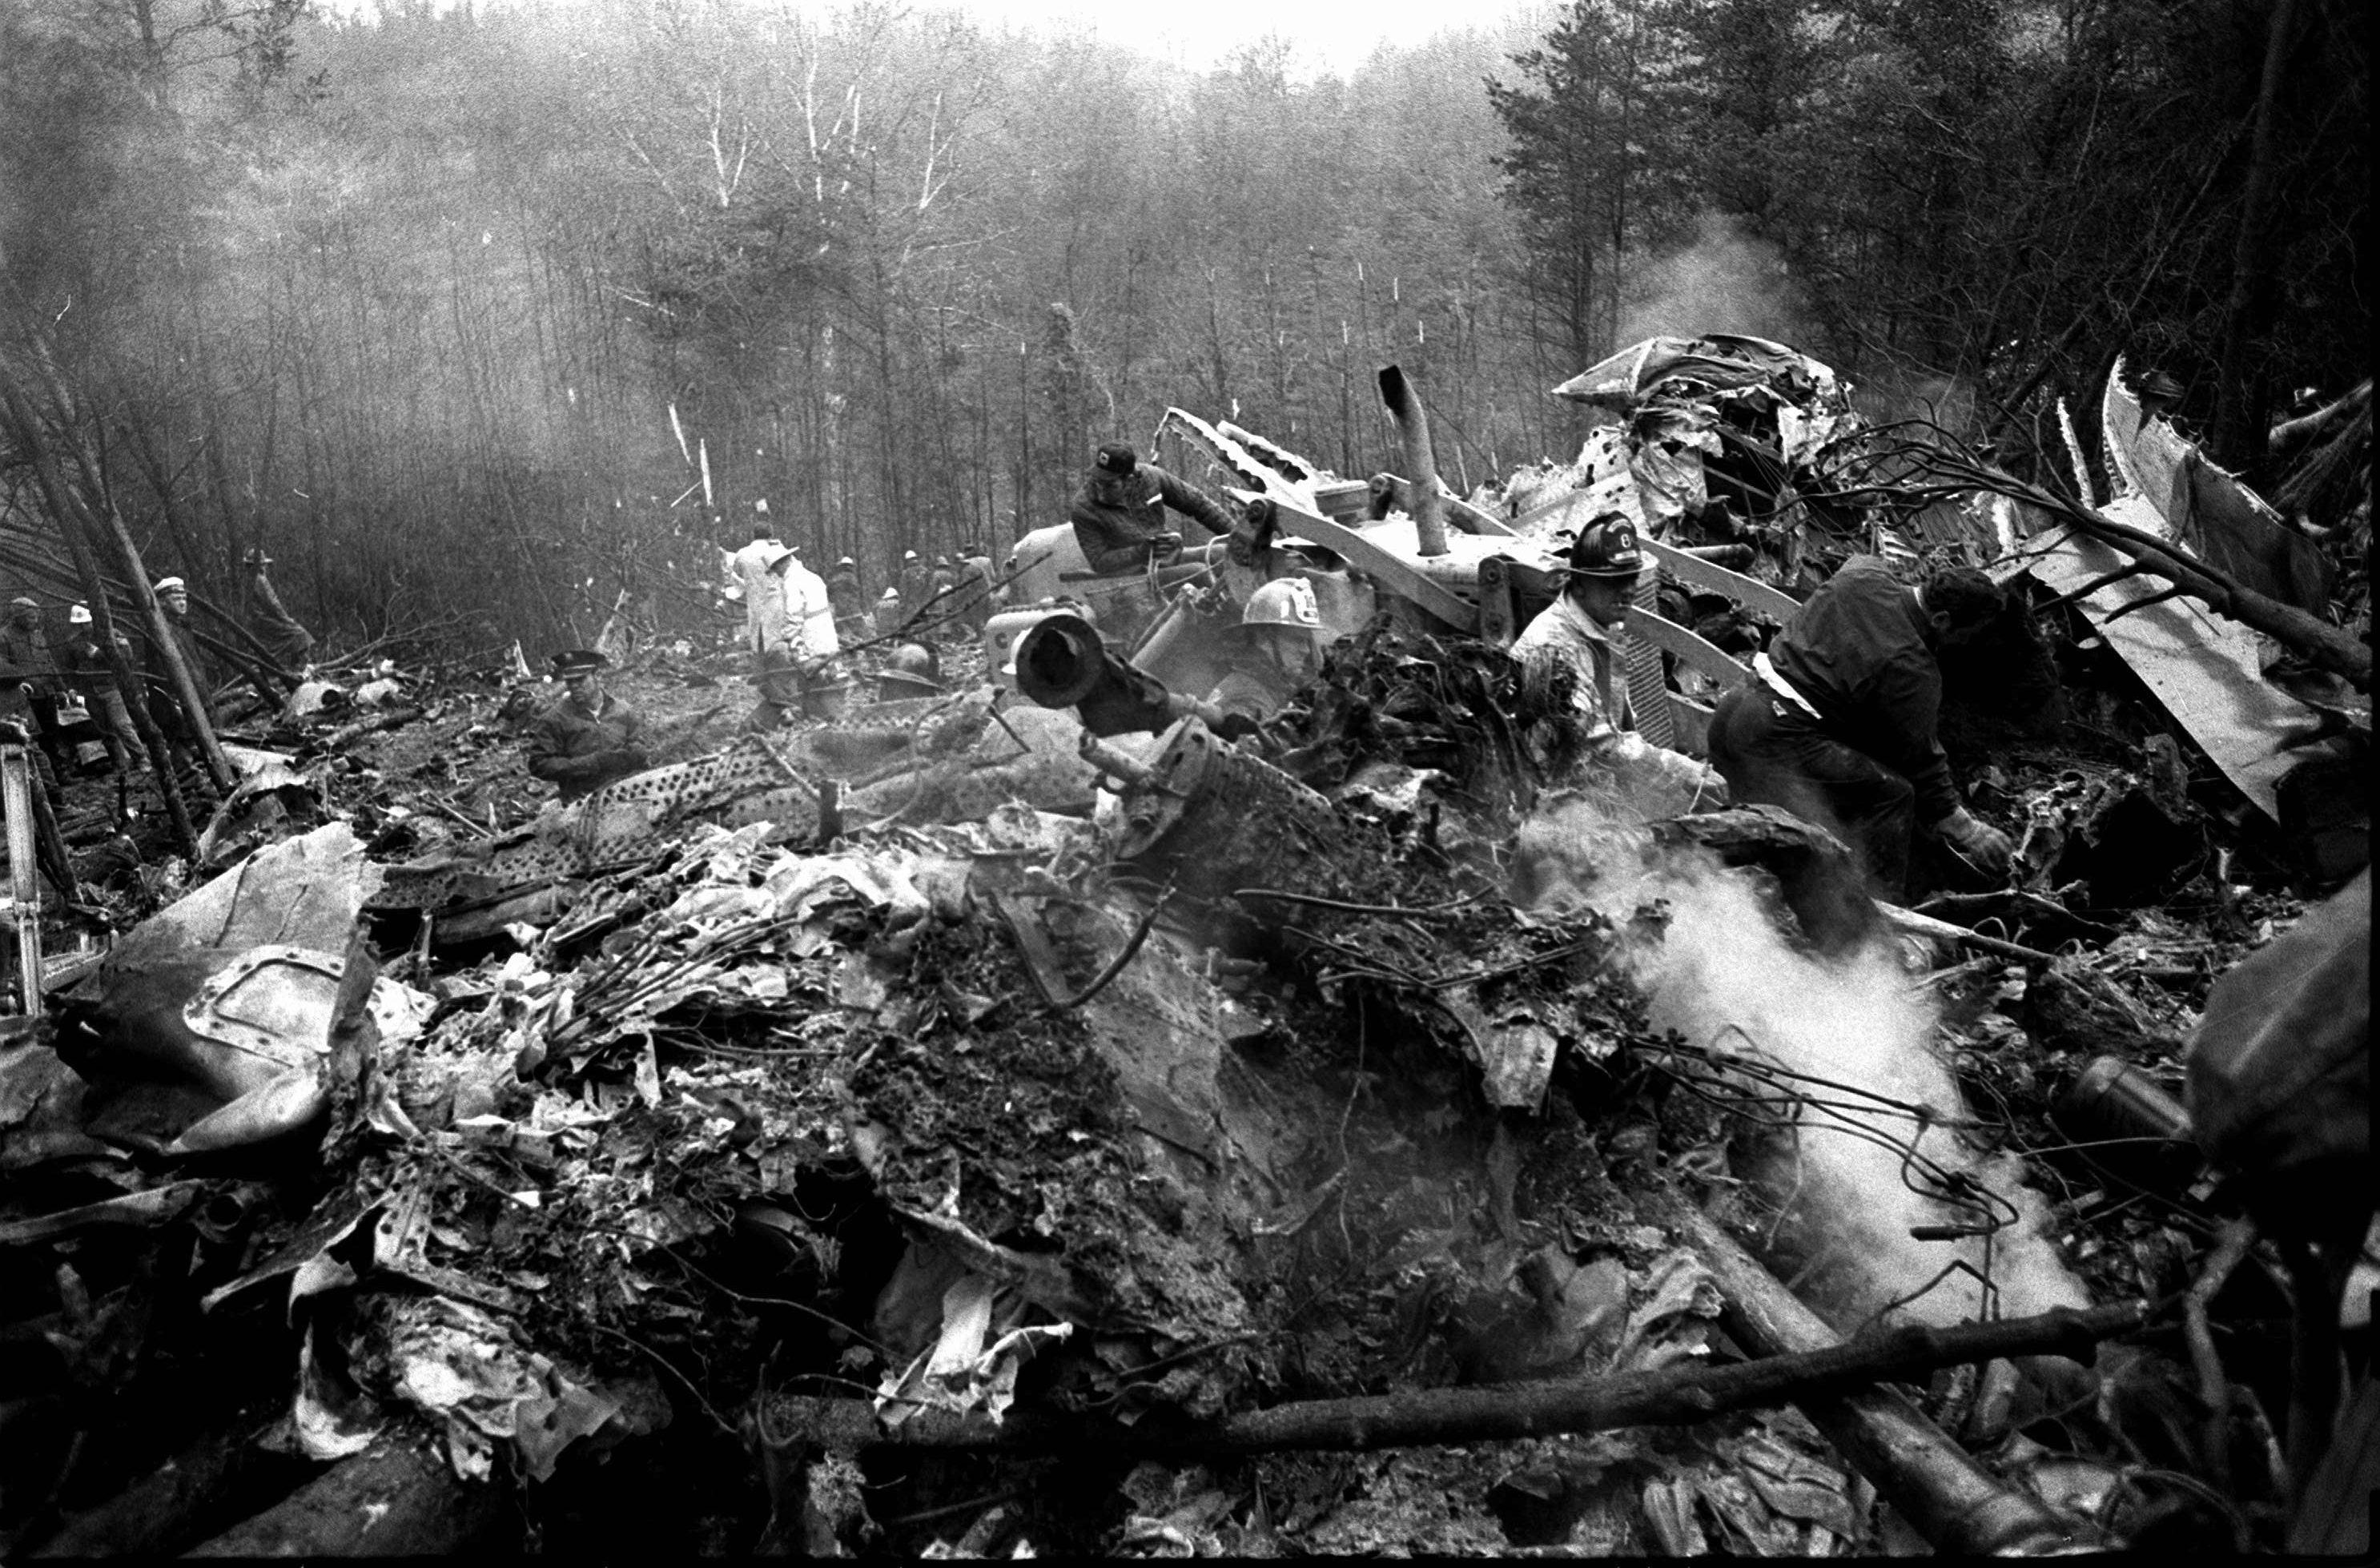 1970年11月14日西維吉尼亞州的馬歇爾大學美式足球隊發生空難。圖為出事現場。美聯社